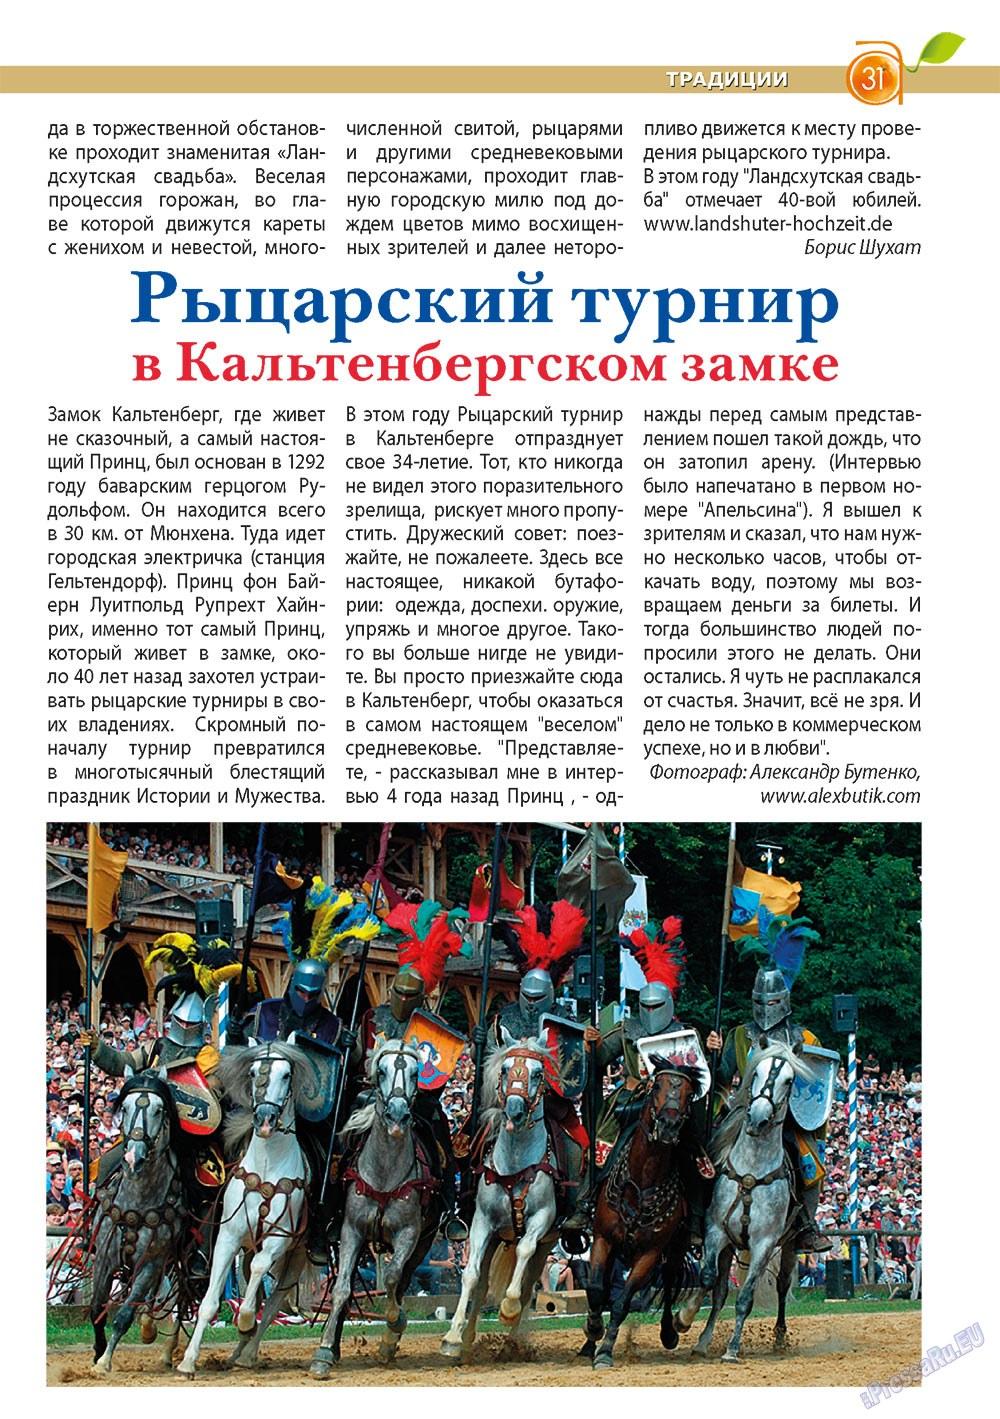 Апельсин (журнал). 2013 год, номер 48, стр. 29